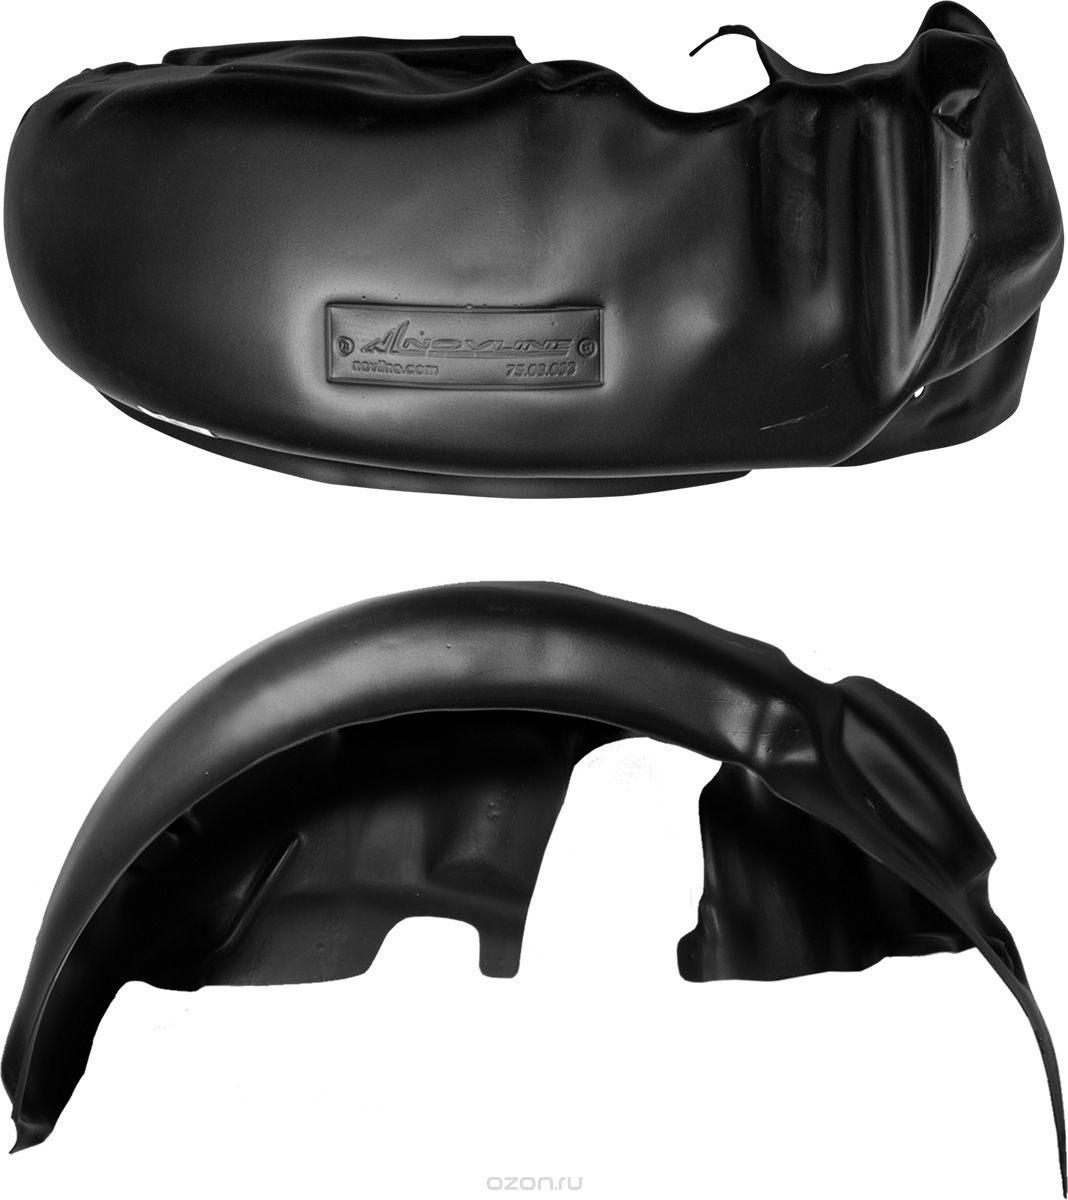 Подкрылок Novline-Autofamily, для MERCEDES-BENZ Sprinter Classic, 2013->, передний левыйNLL.34.02.001Идеальная защита колесной ниши. Локеры разработаны с применением цифровых технологий, гарантируют максимальную повторяемость поверхности арки. Изделия устанавливаются без нарушения лакокрасочного покрытия автомобиля, каждый подкрылок комплектуется крепежом. Уважаемые клиенты, обращаем ваше внимание, что фотографии на подкрылки универсальные и не отражают реальную форму изделия. При этом само изделие идет точно под размер указанного автомобиля.